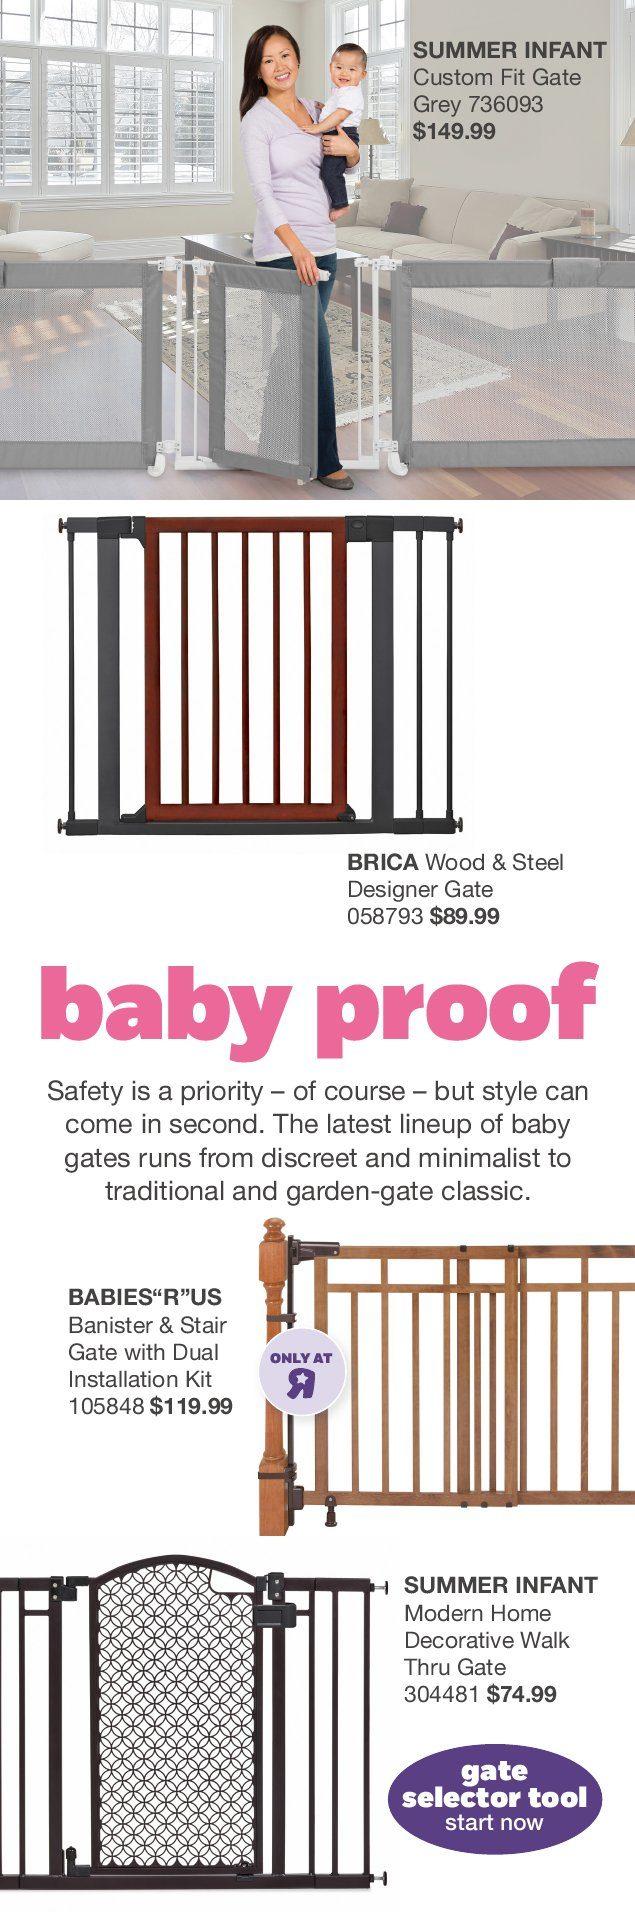 Babies R Us Weekly Flyer Nursery Look Book Jun 30 Jan 31 Summer Custom Fit Gate